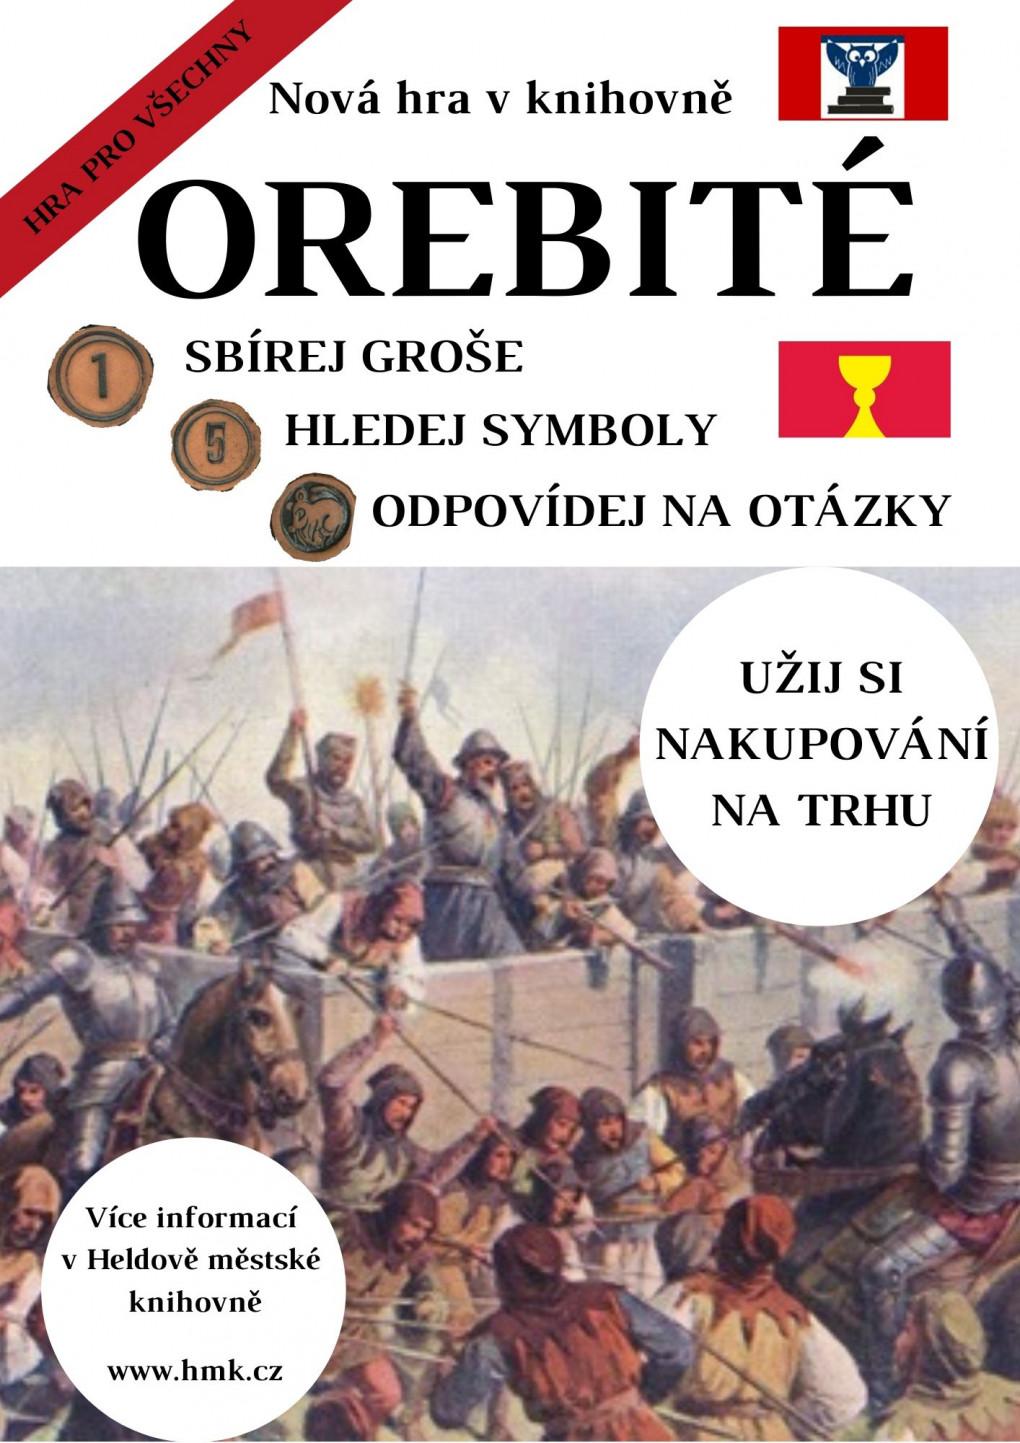 orebitE_-letak-konecna_verze.jpg